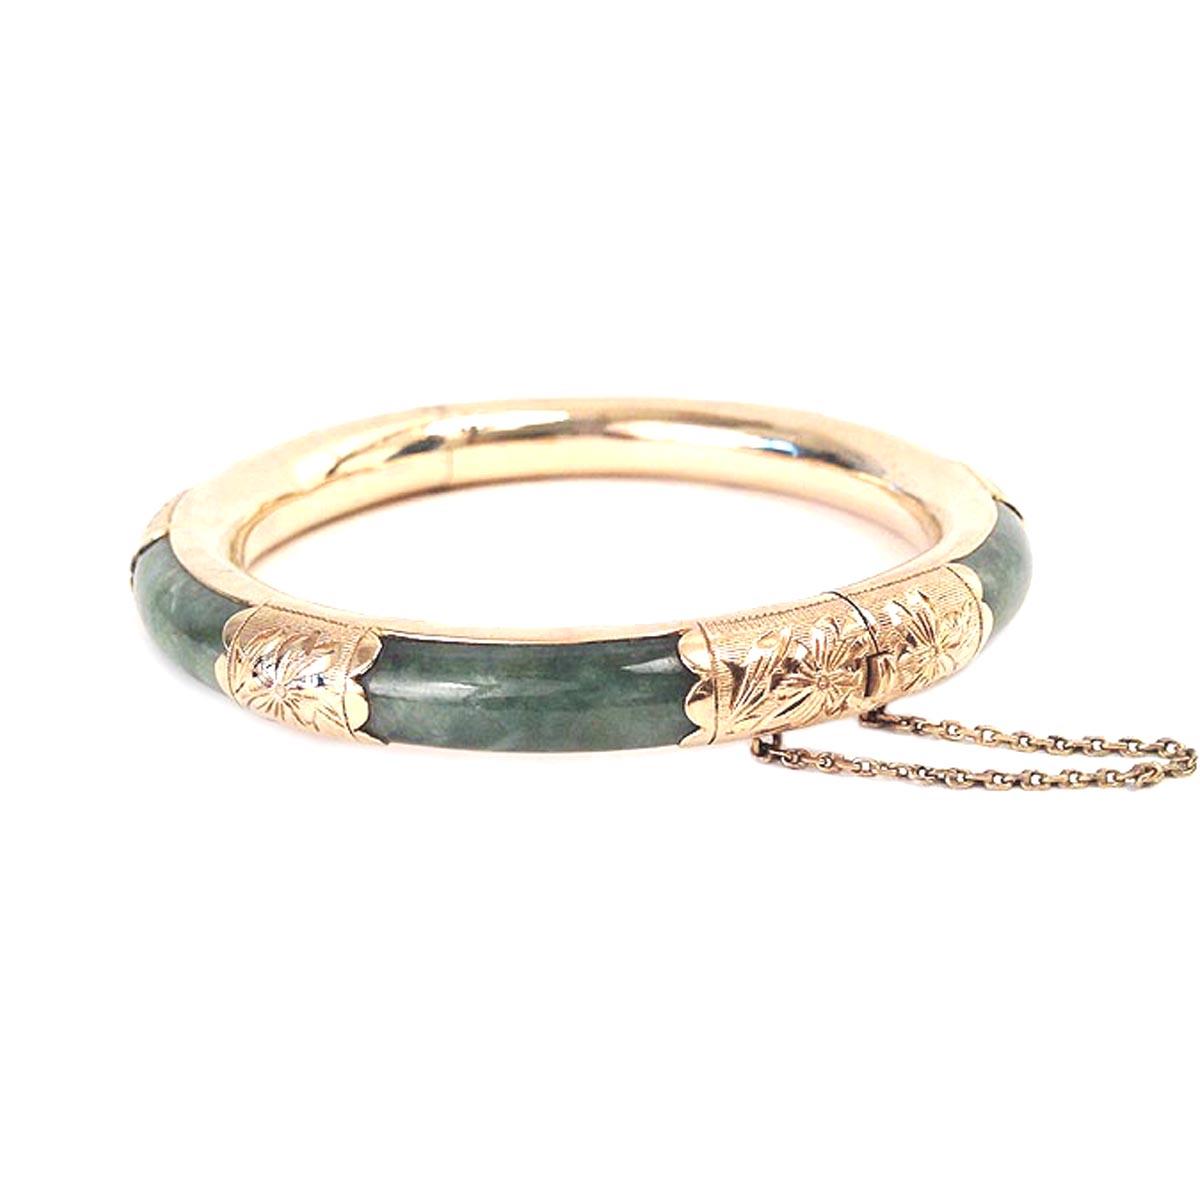 475e3c2be29 14kt-gold-Jade-bangle-vintage-bracelet_01 Green Jade 14K gold bangle  bracelet